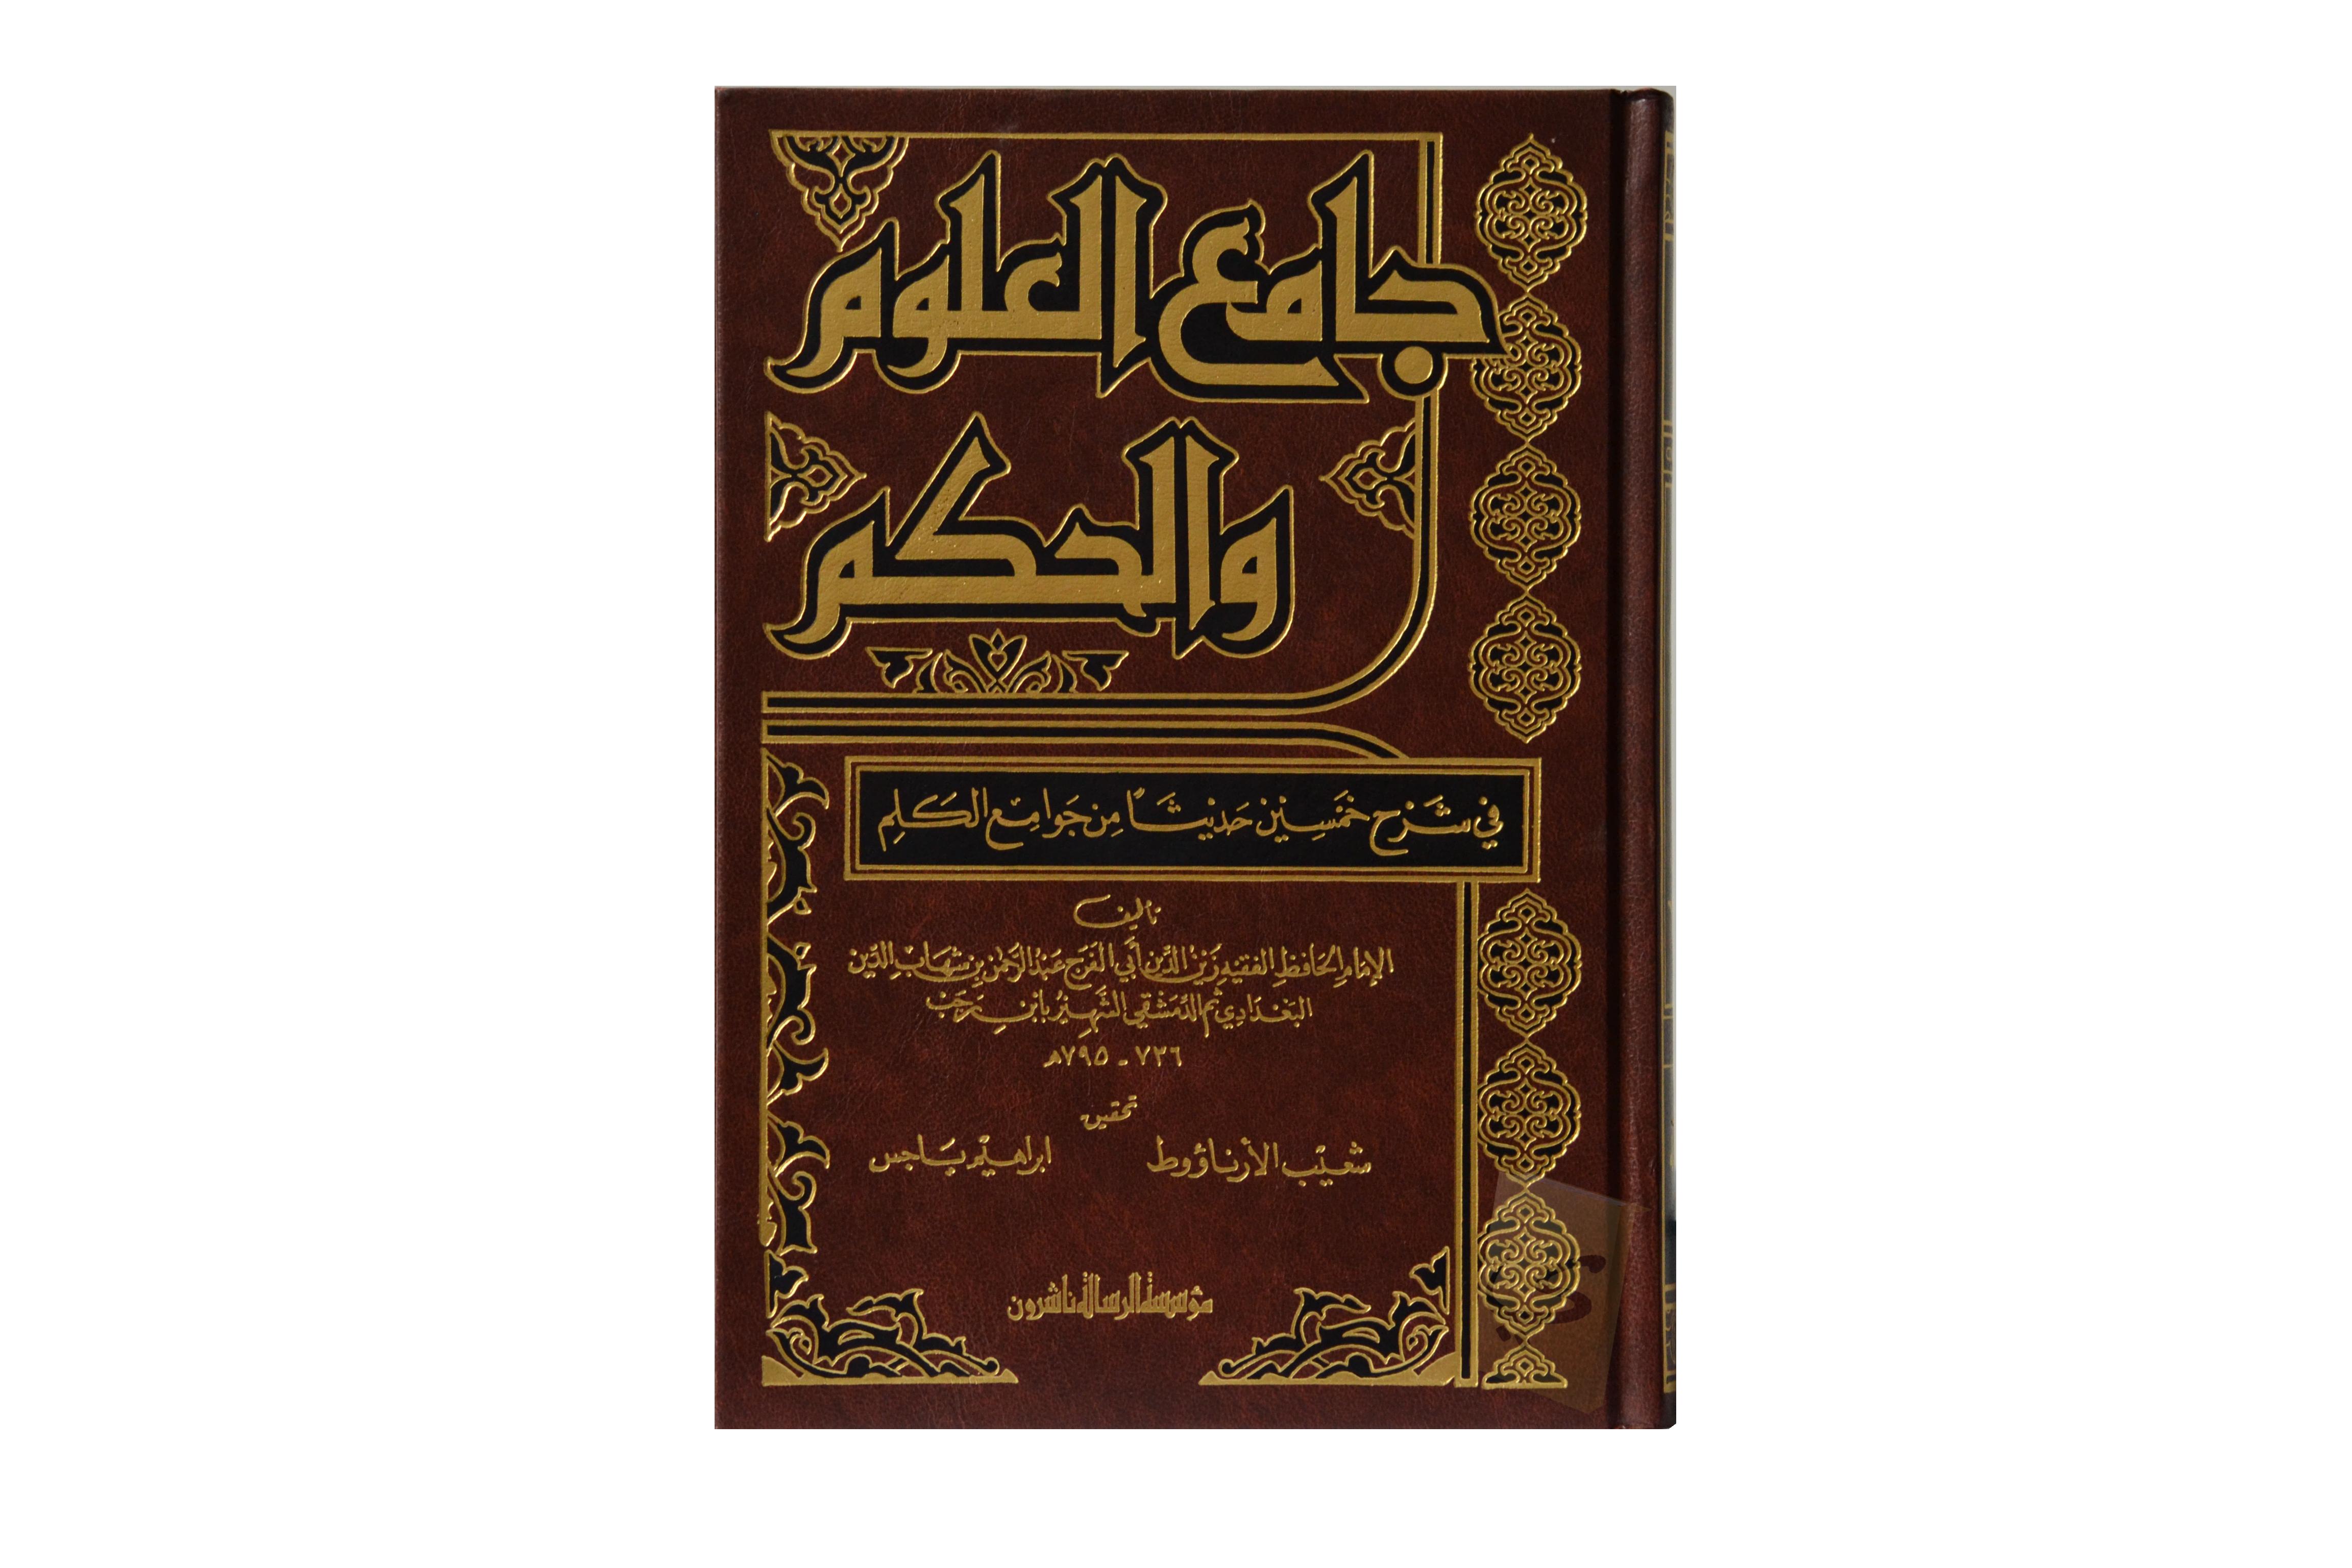 Jami' al-'ulum wal-Hikam